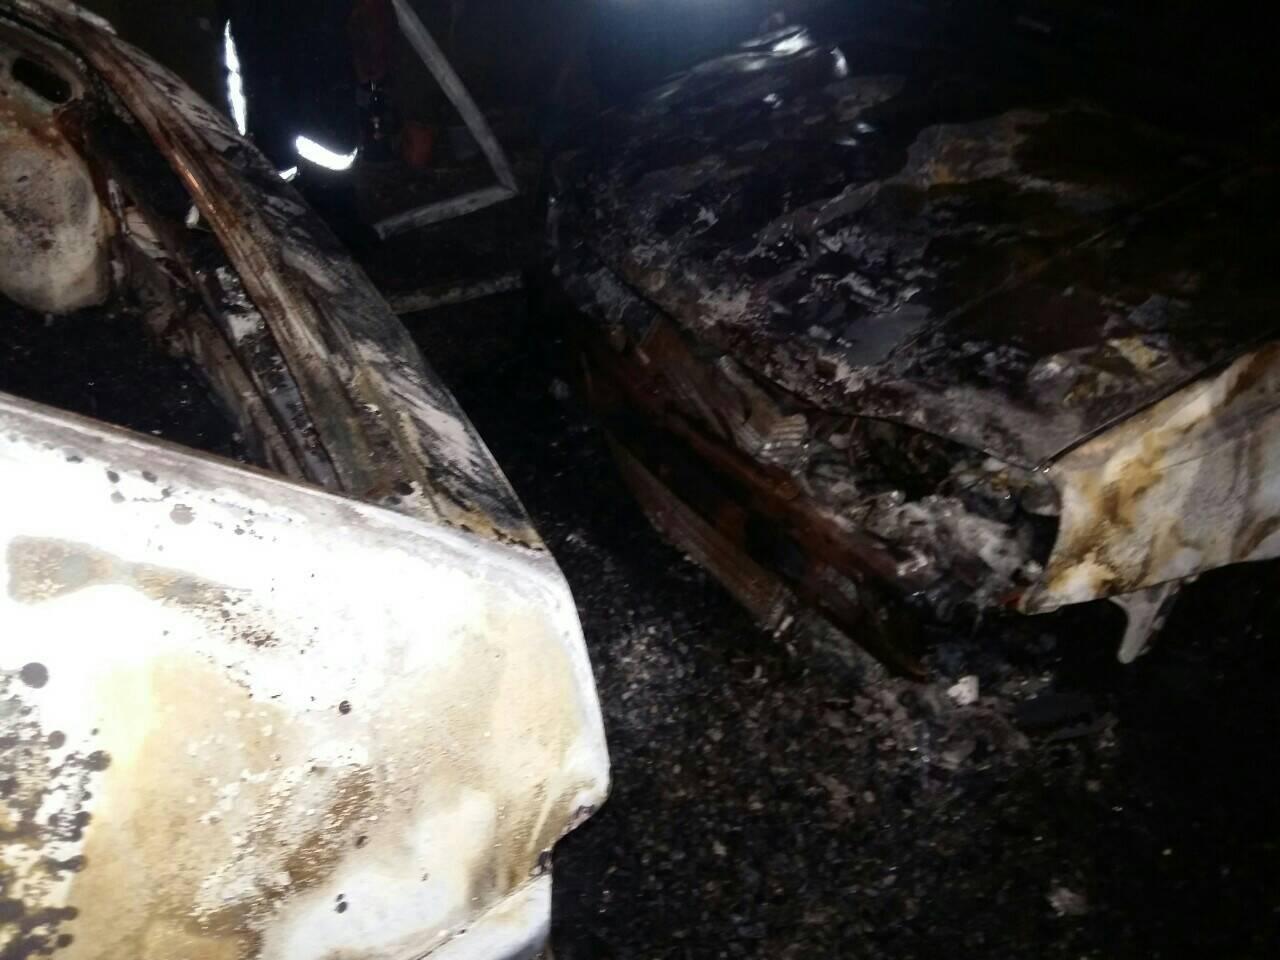 Закарпатському активісту спалили дві машини - поліція відкрила кримінальне провадження (ФОТО), фото-7